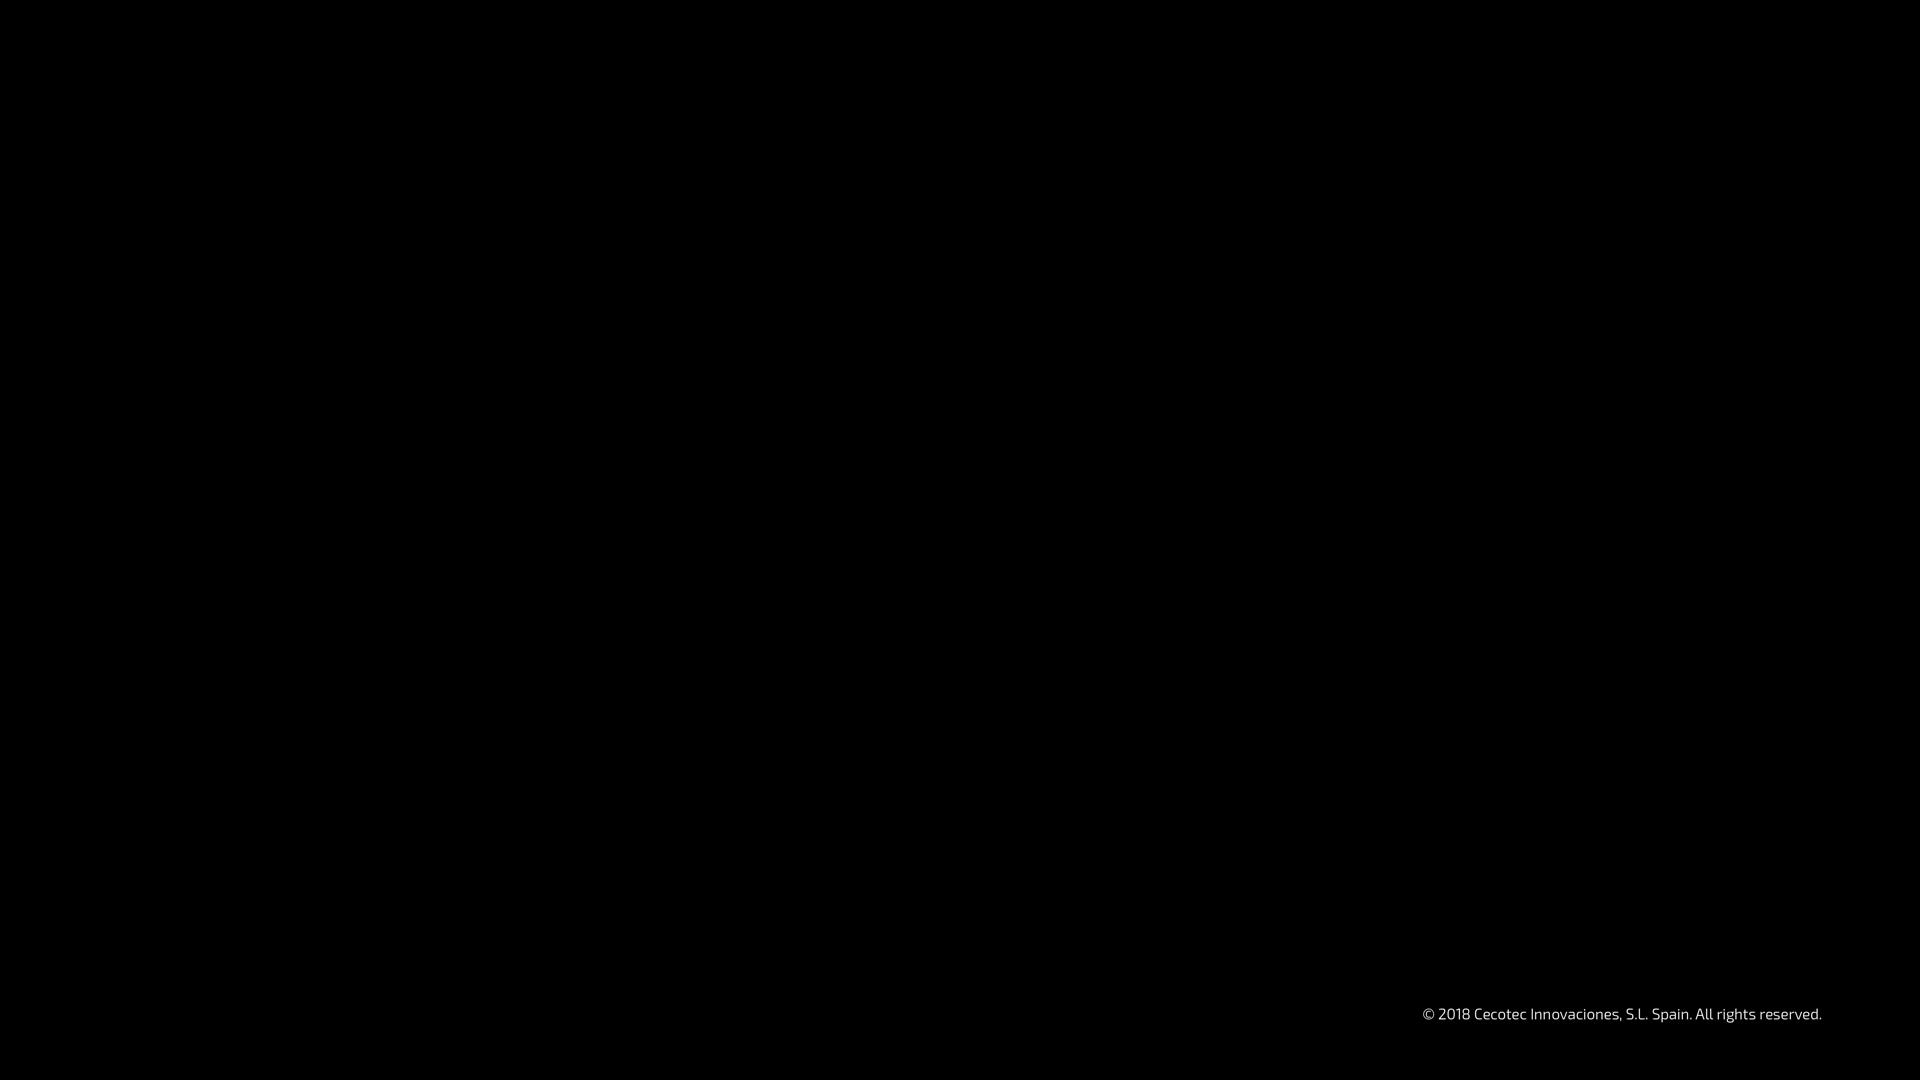 Cecotec Robot Aspirador Conga Serie 950. 1400 Pa, Tecnología iTech Space, Aspira, Barre, Friega y Pasa la Mopa, 5 Modos, 160 min Autonomía, Programable: 180.29: Amazon.es: Hogar